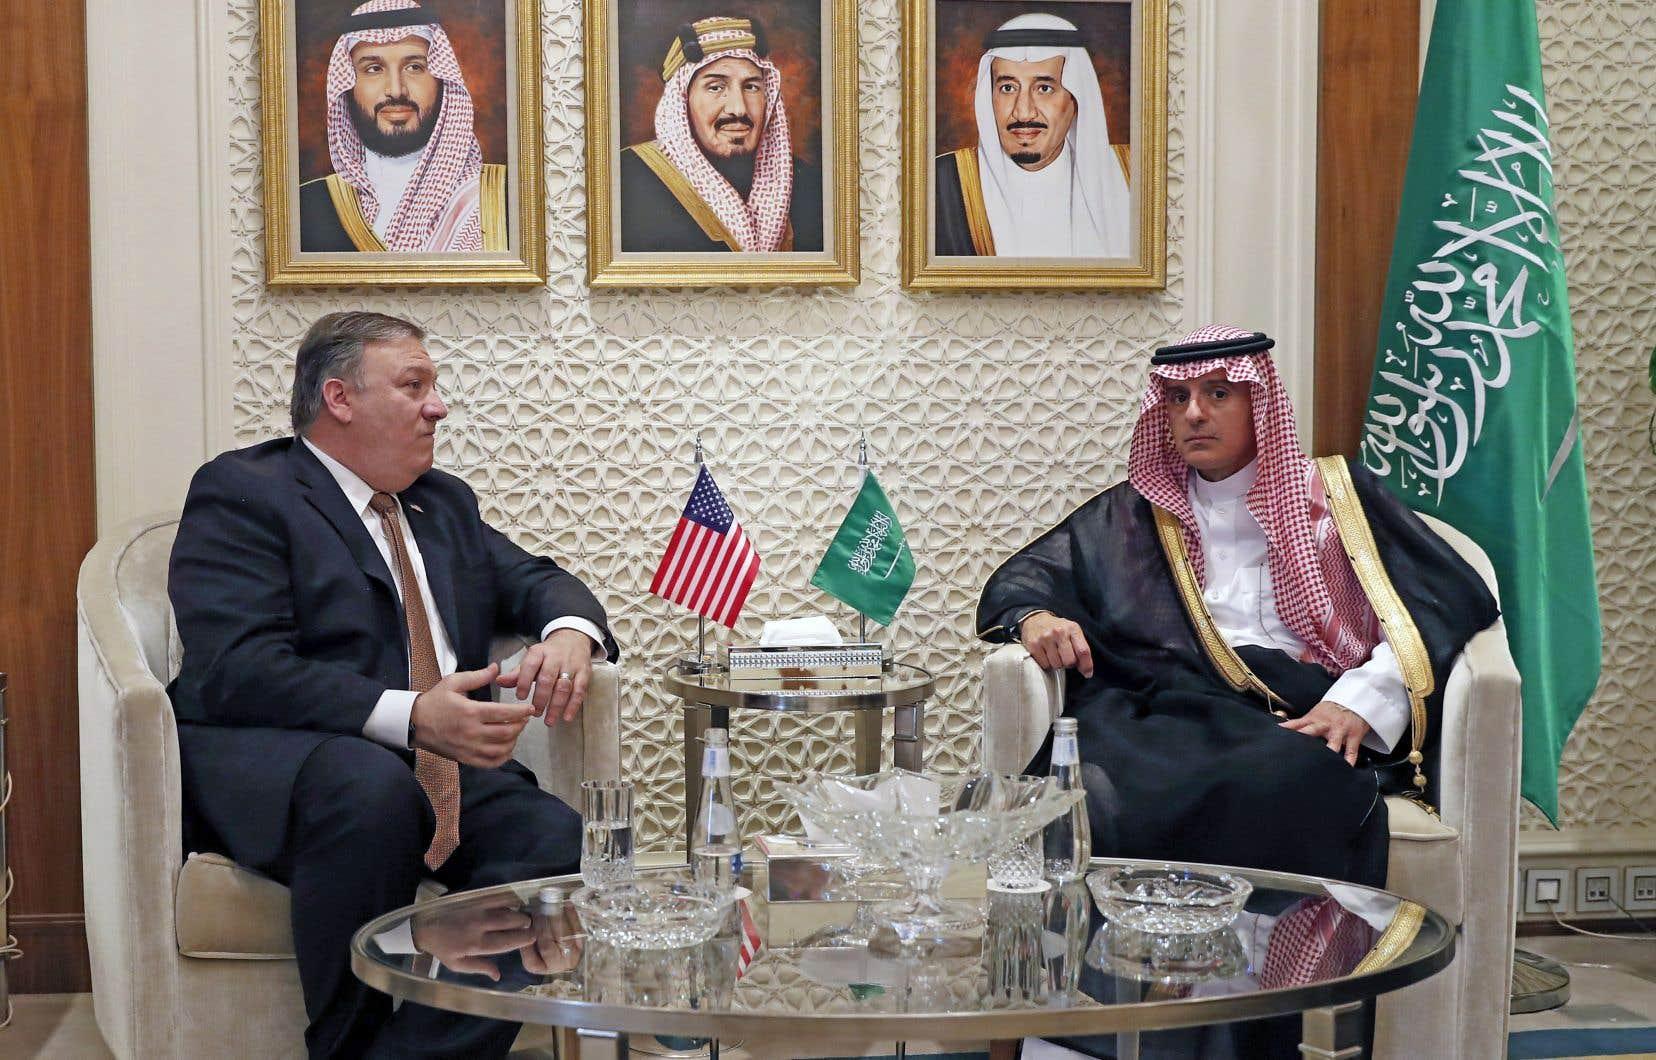 Le prince héritier Mohammed ben Salmane n'était «pas informé» de l'opération qui a mené à l'assassinat de Jamal Khashoggi, a affirmé dimanche le ministre saoudien des Affaires étrangères, Adel al-Jubeir. À sa droite, son homologue américain, Mike Pompeo.